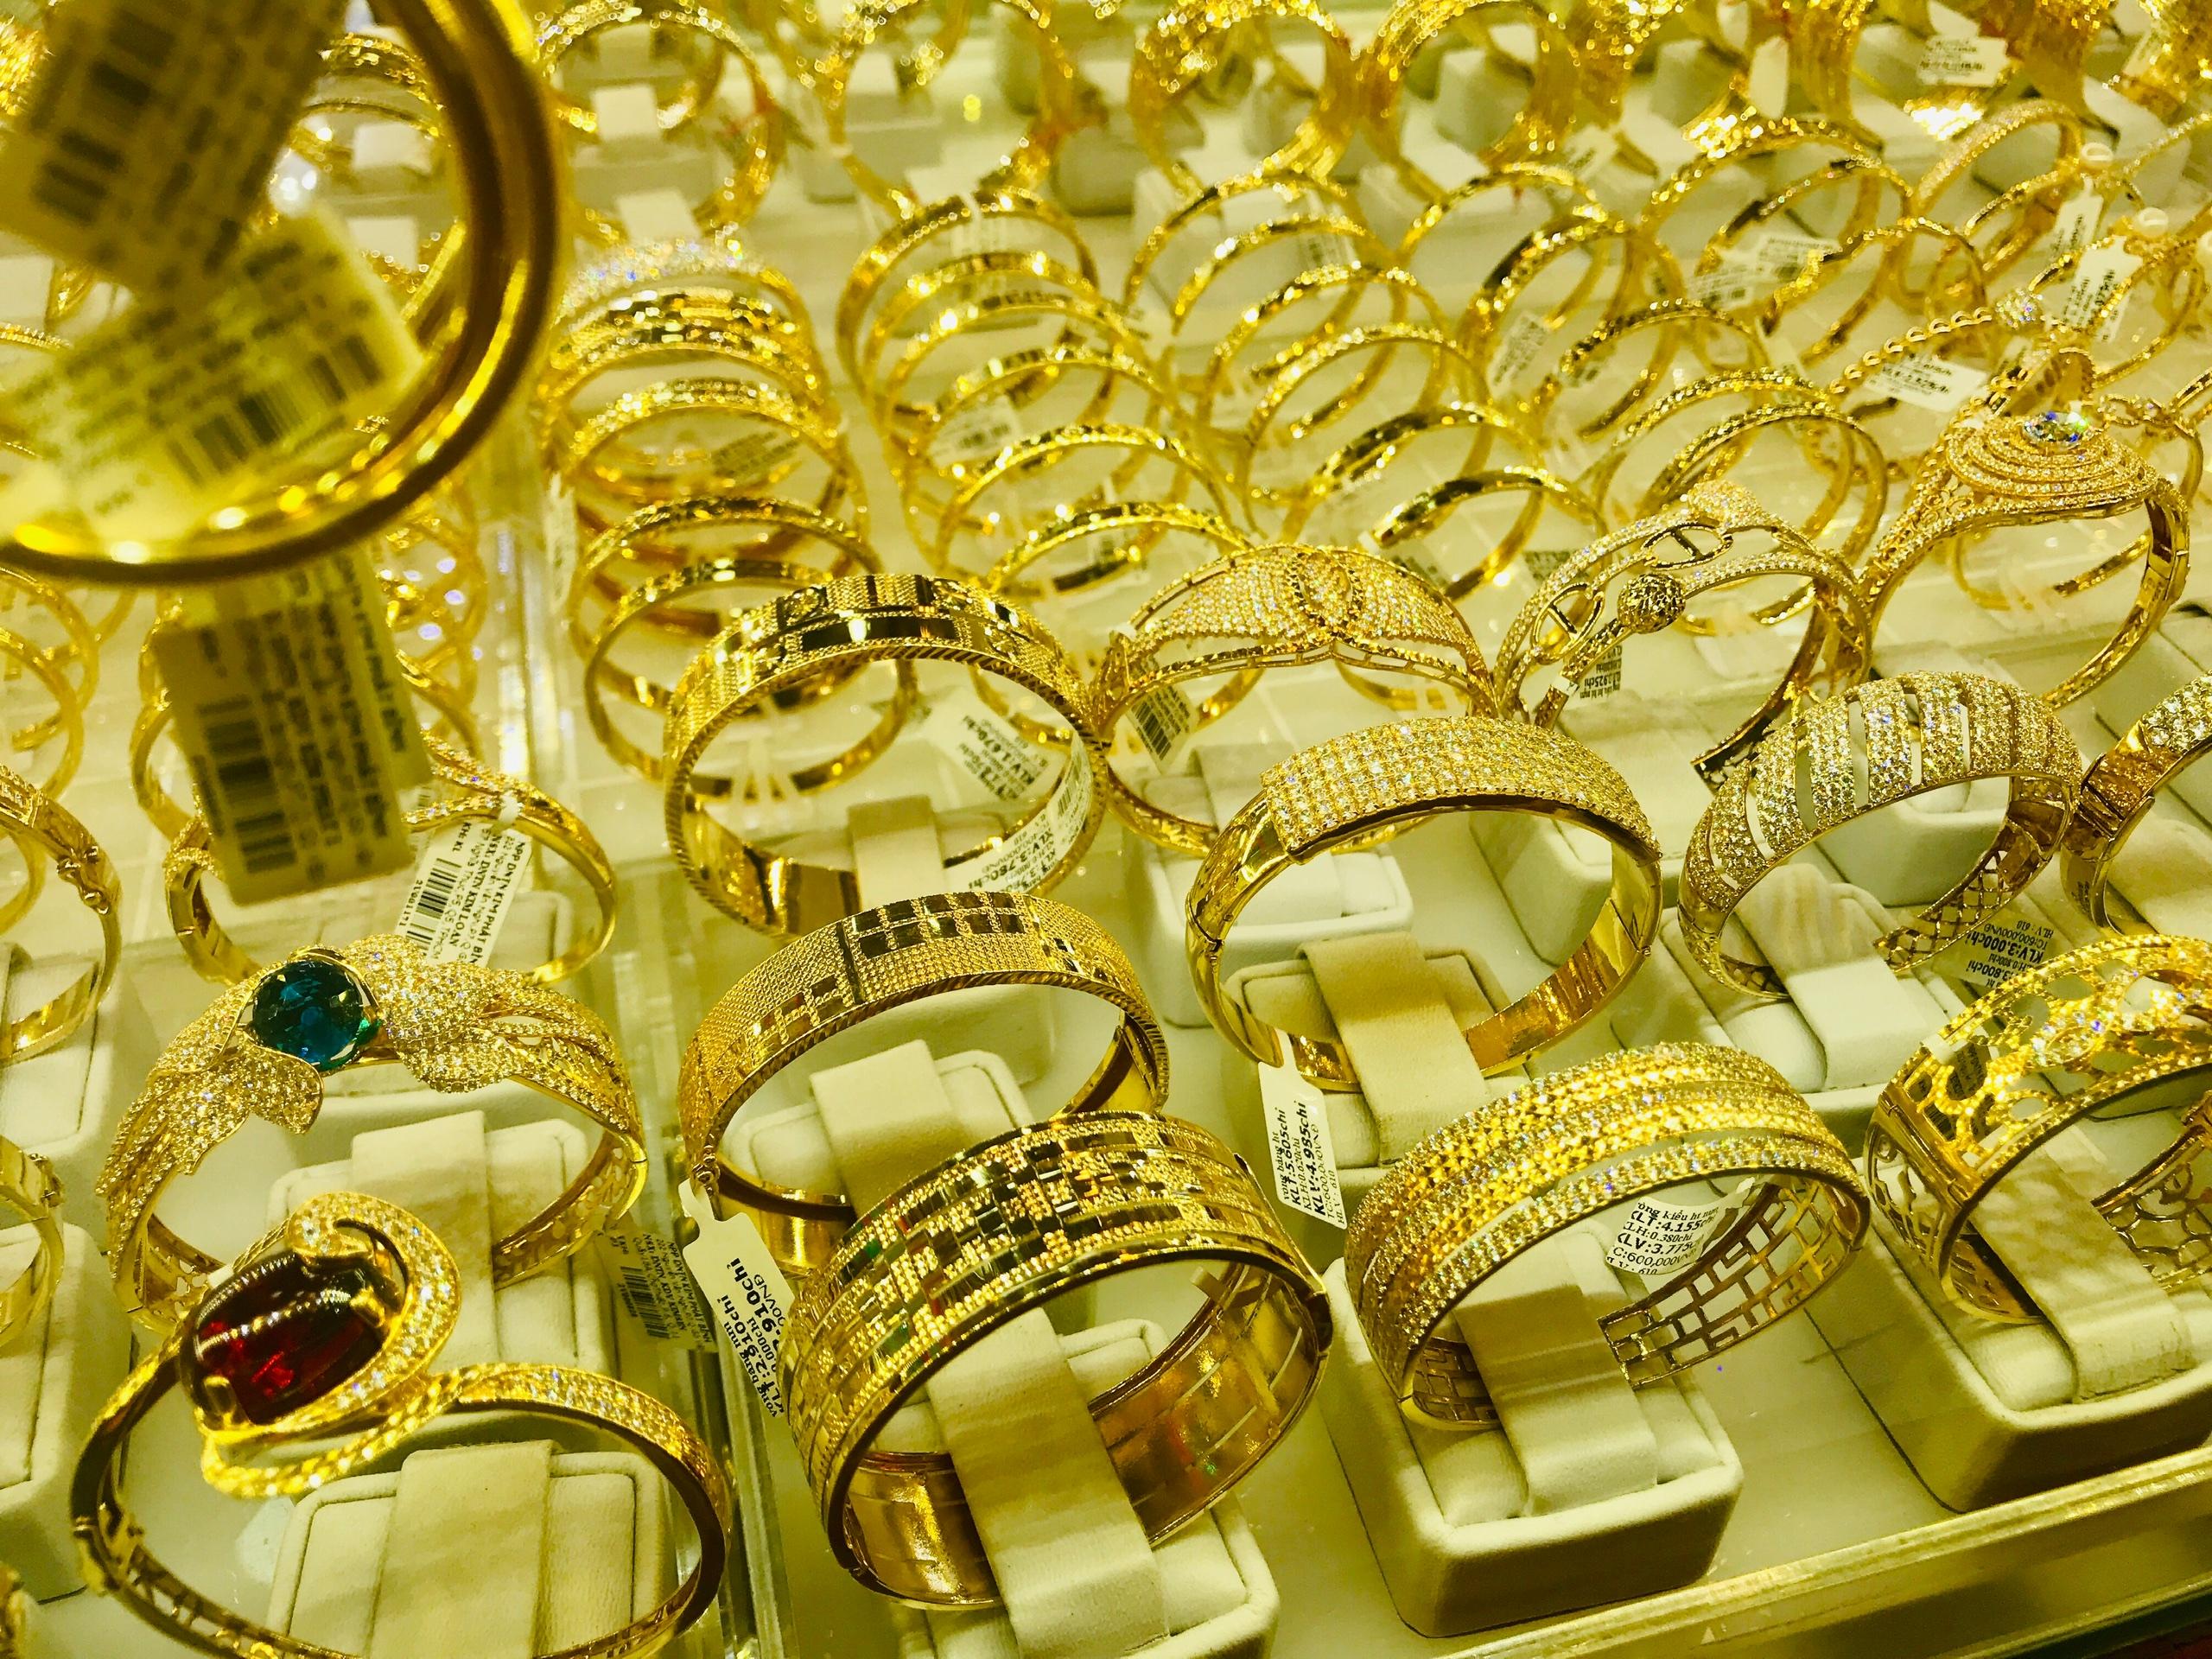 Nguyên nhân nào khiến giá vàng ồ ạt tụt dốc, nhà đầu tư có nên cắt lỗ? - Ảnh 2.